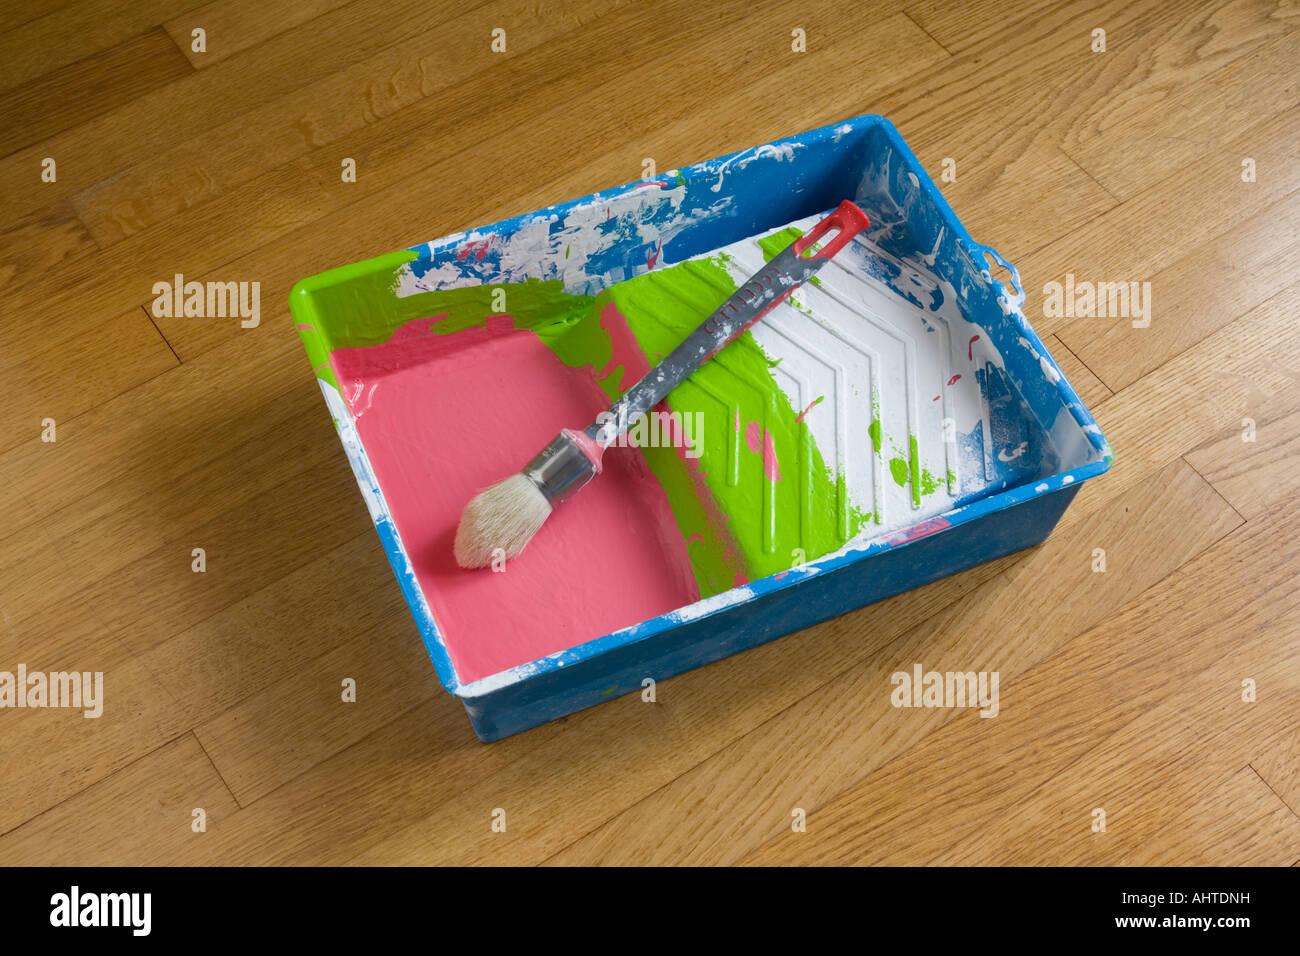 Un plateau en plastique et d'un pinceau ayant souvent été utilisé. Bac plastique et pinceau ayant Photo Stock